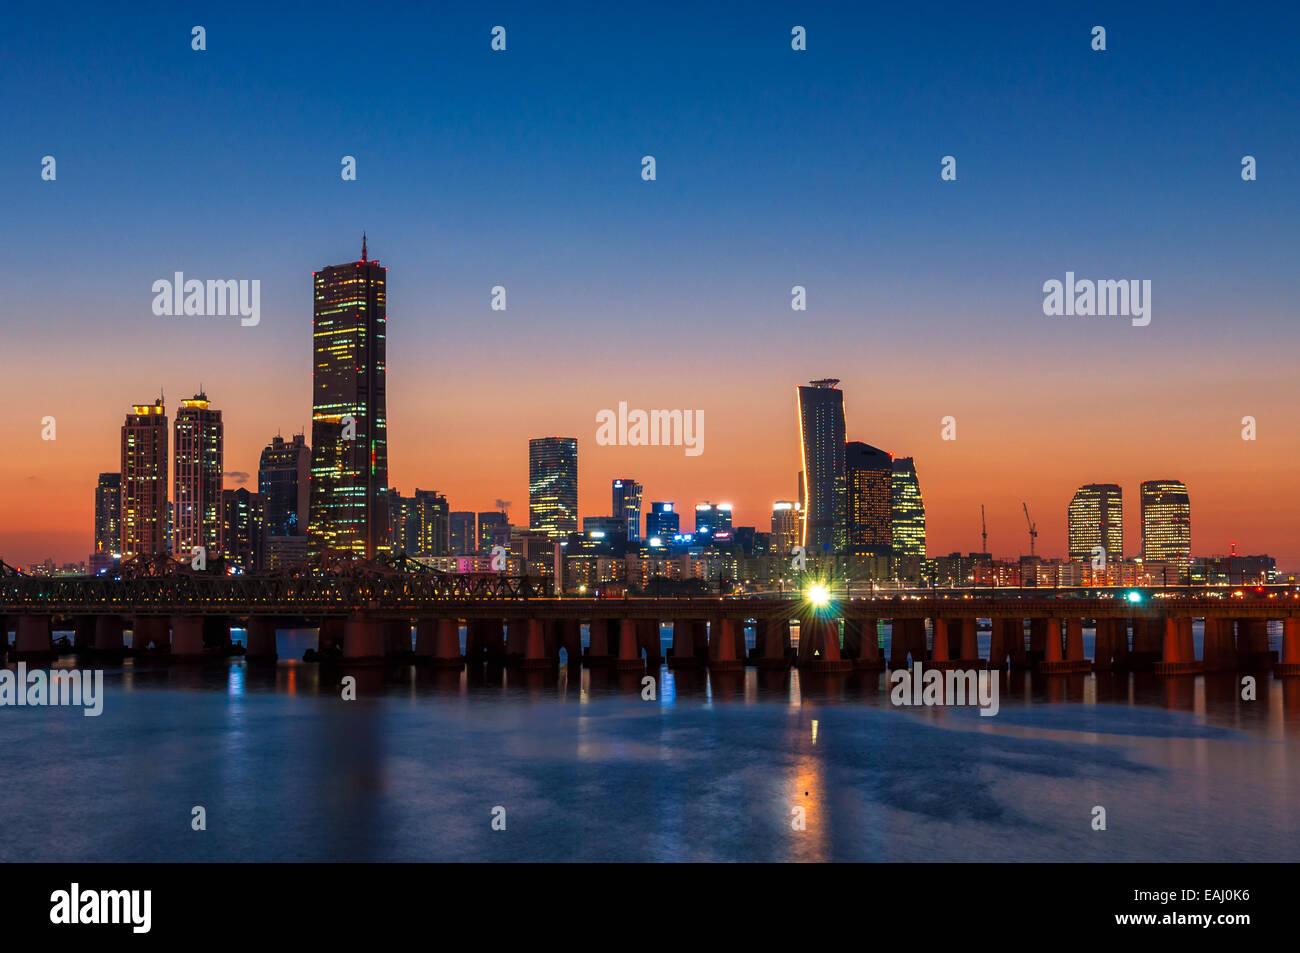 Il sole tramonta dietro i grattacieli di Seoul, Corea del Sud. Immagini Stock